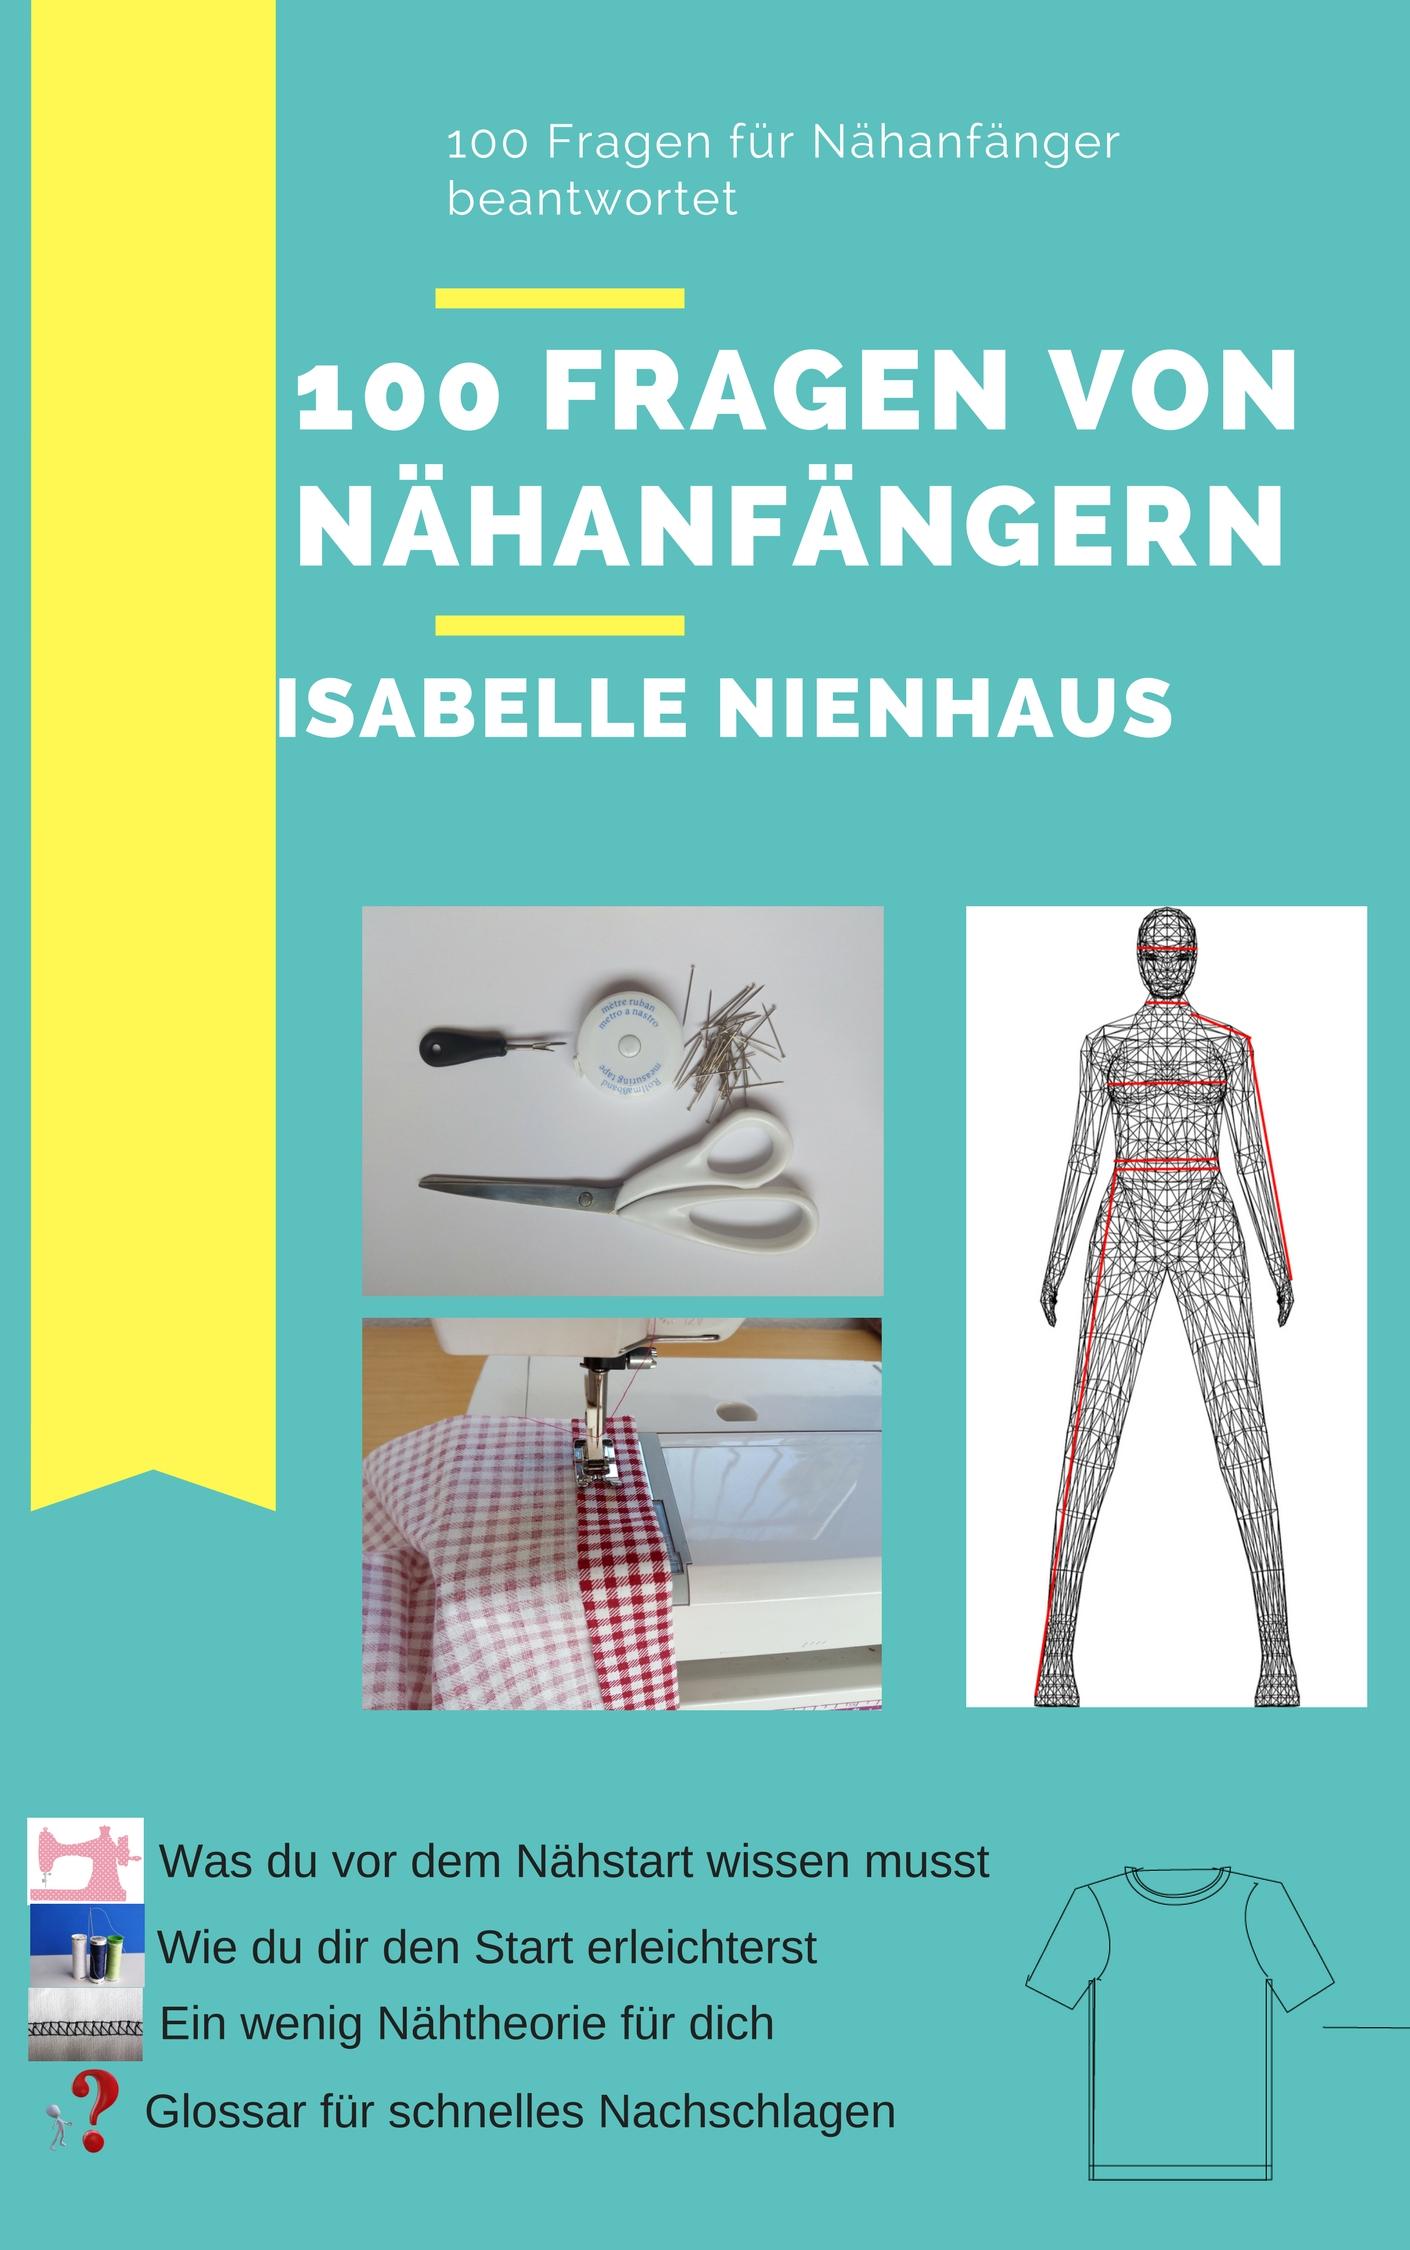 *Werbung* Heute kostenlos! E-Book 100 Fragen von Nähanfängern – Für Nähanfänger beantwortet